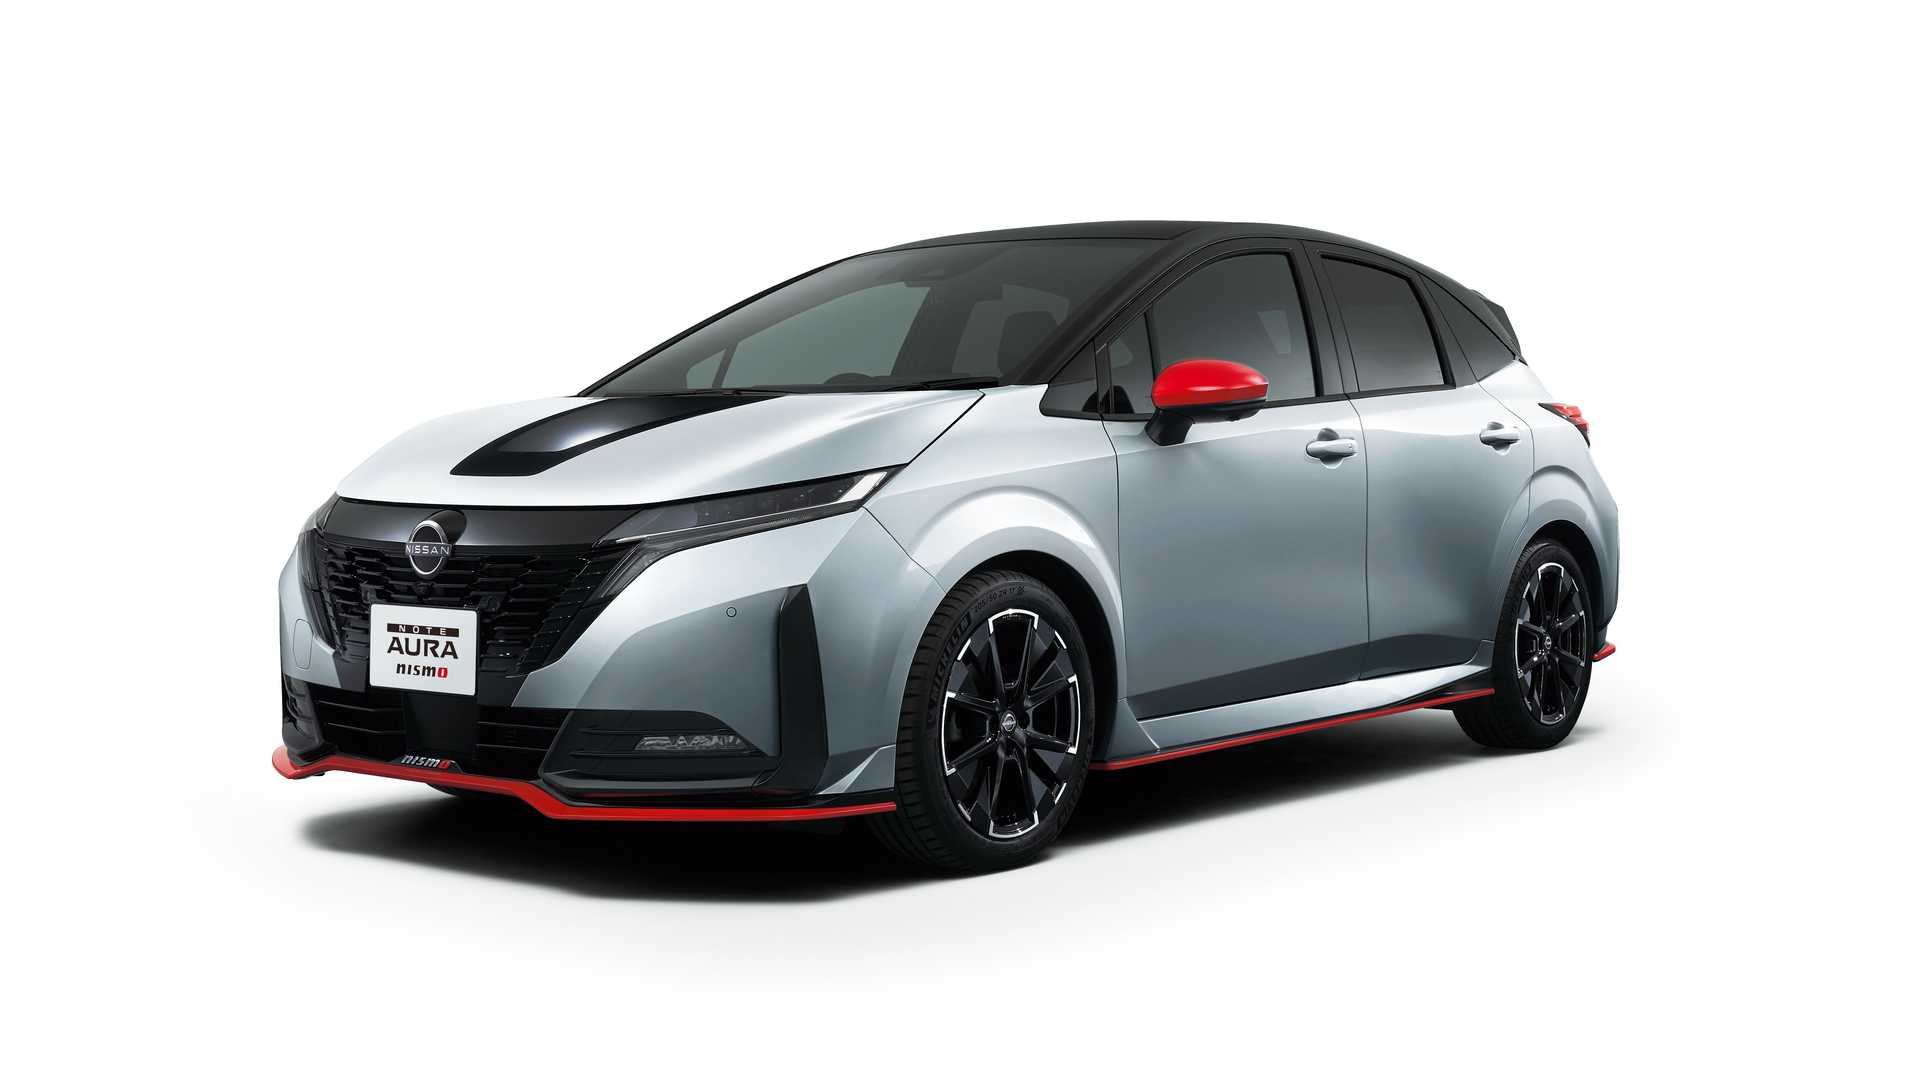 2022 Nissan Note Aura Nismo